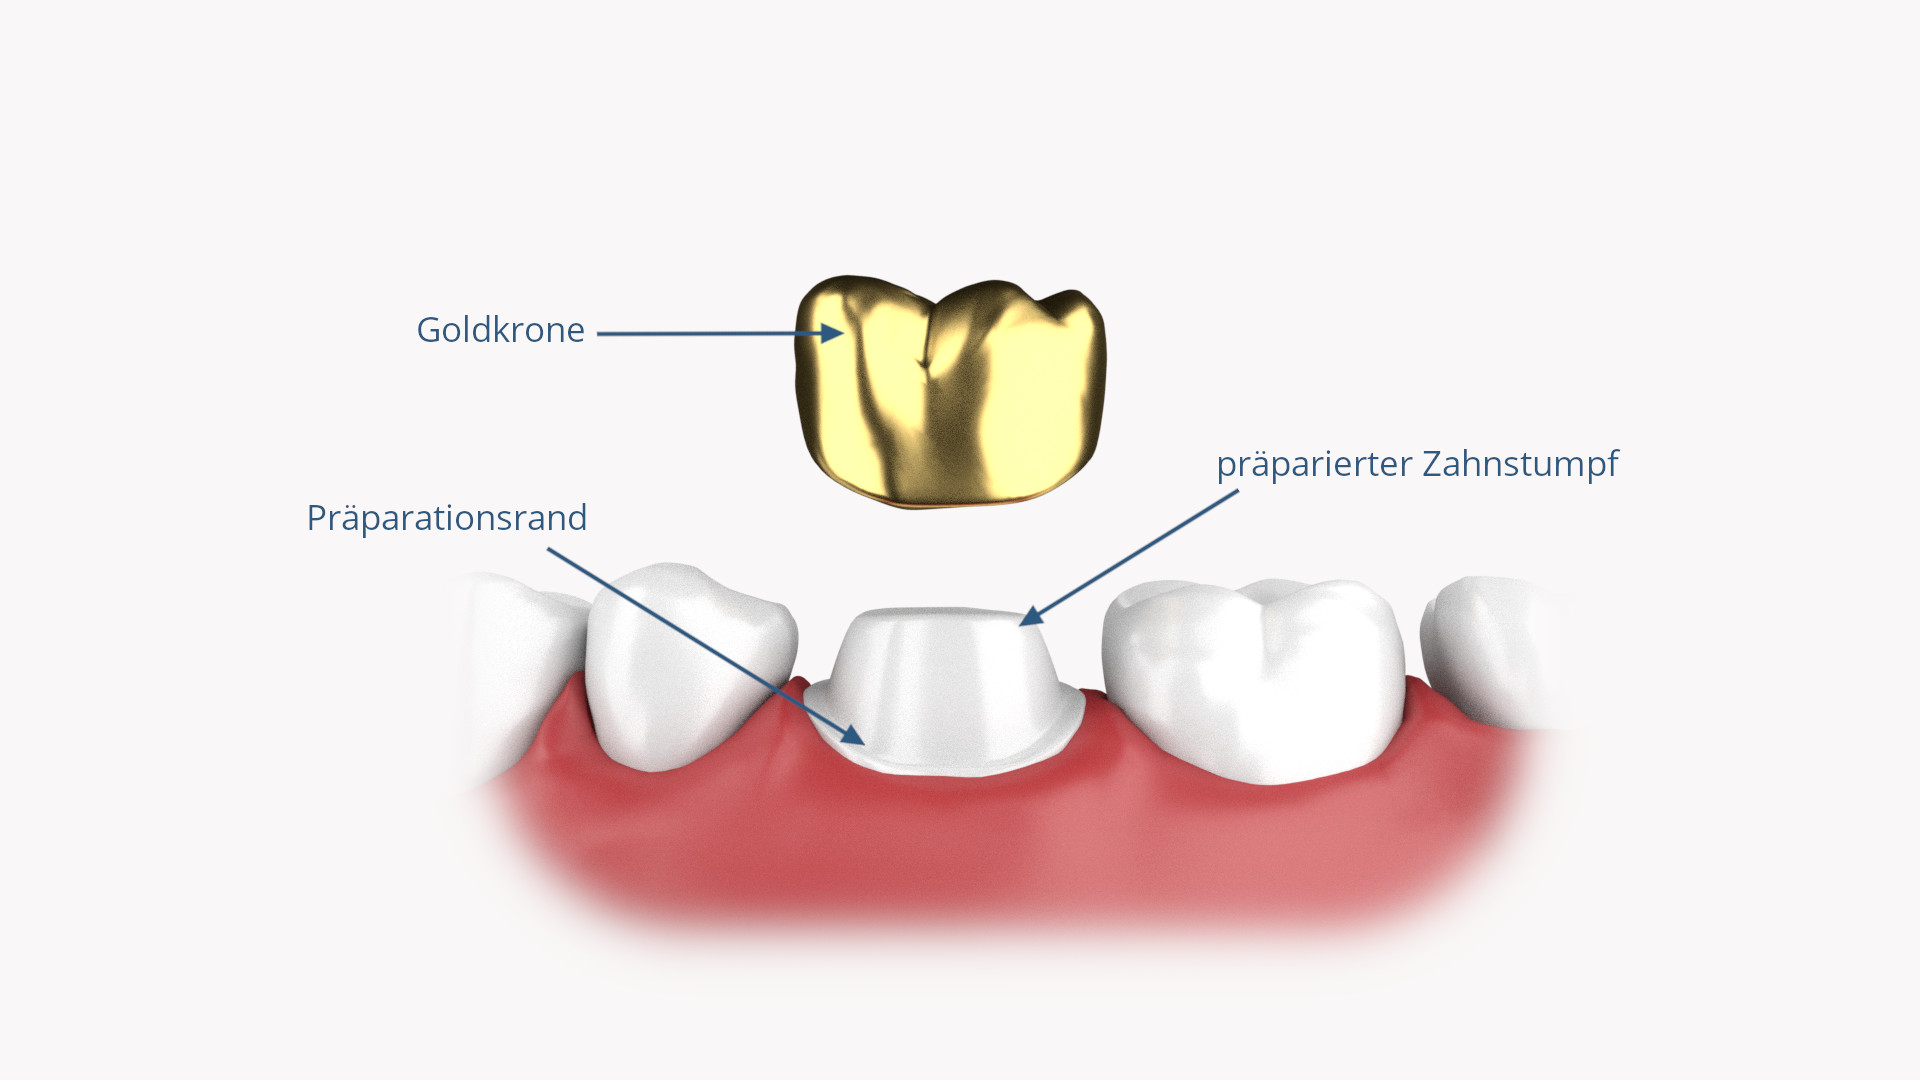 Zahnkronen-Goldkrone